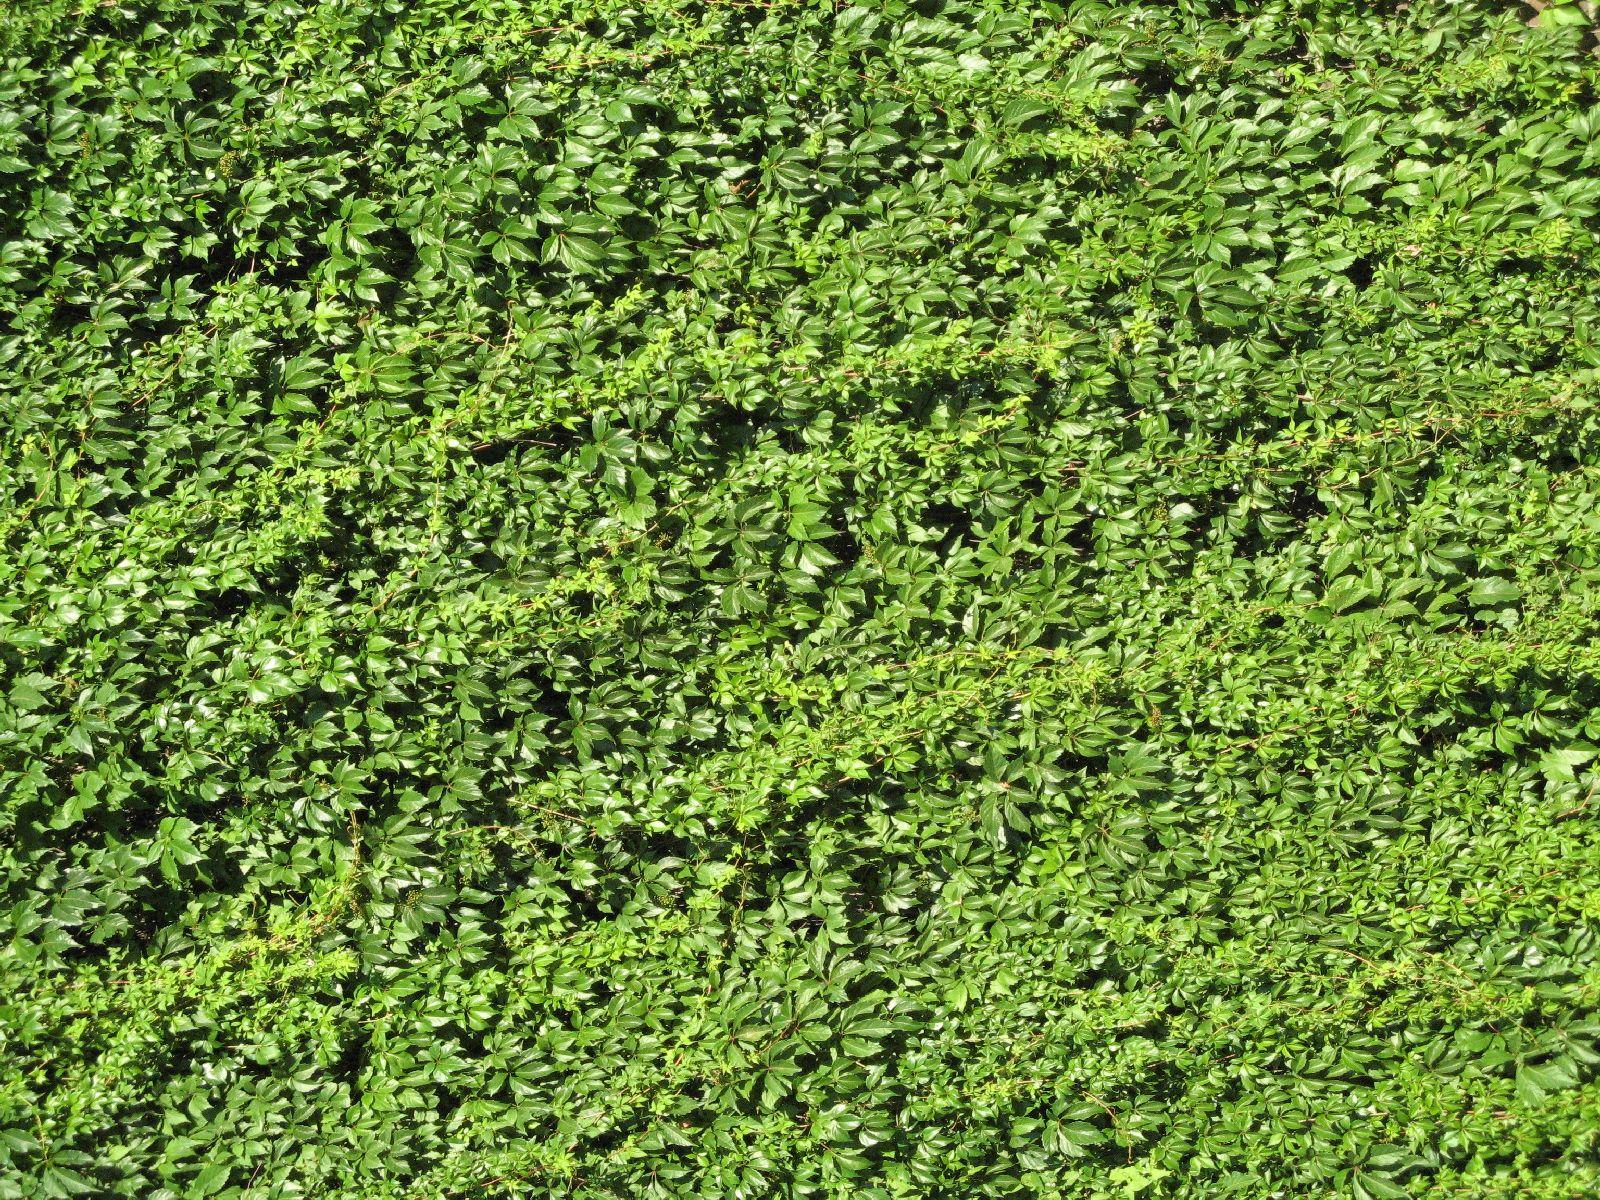 Pflanzen-Hecken-Foto_Textur_B_00758